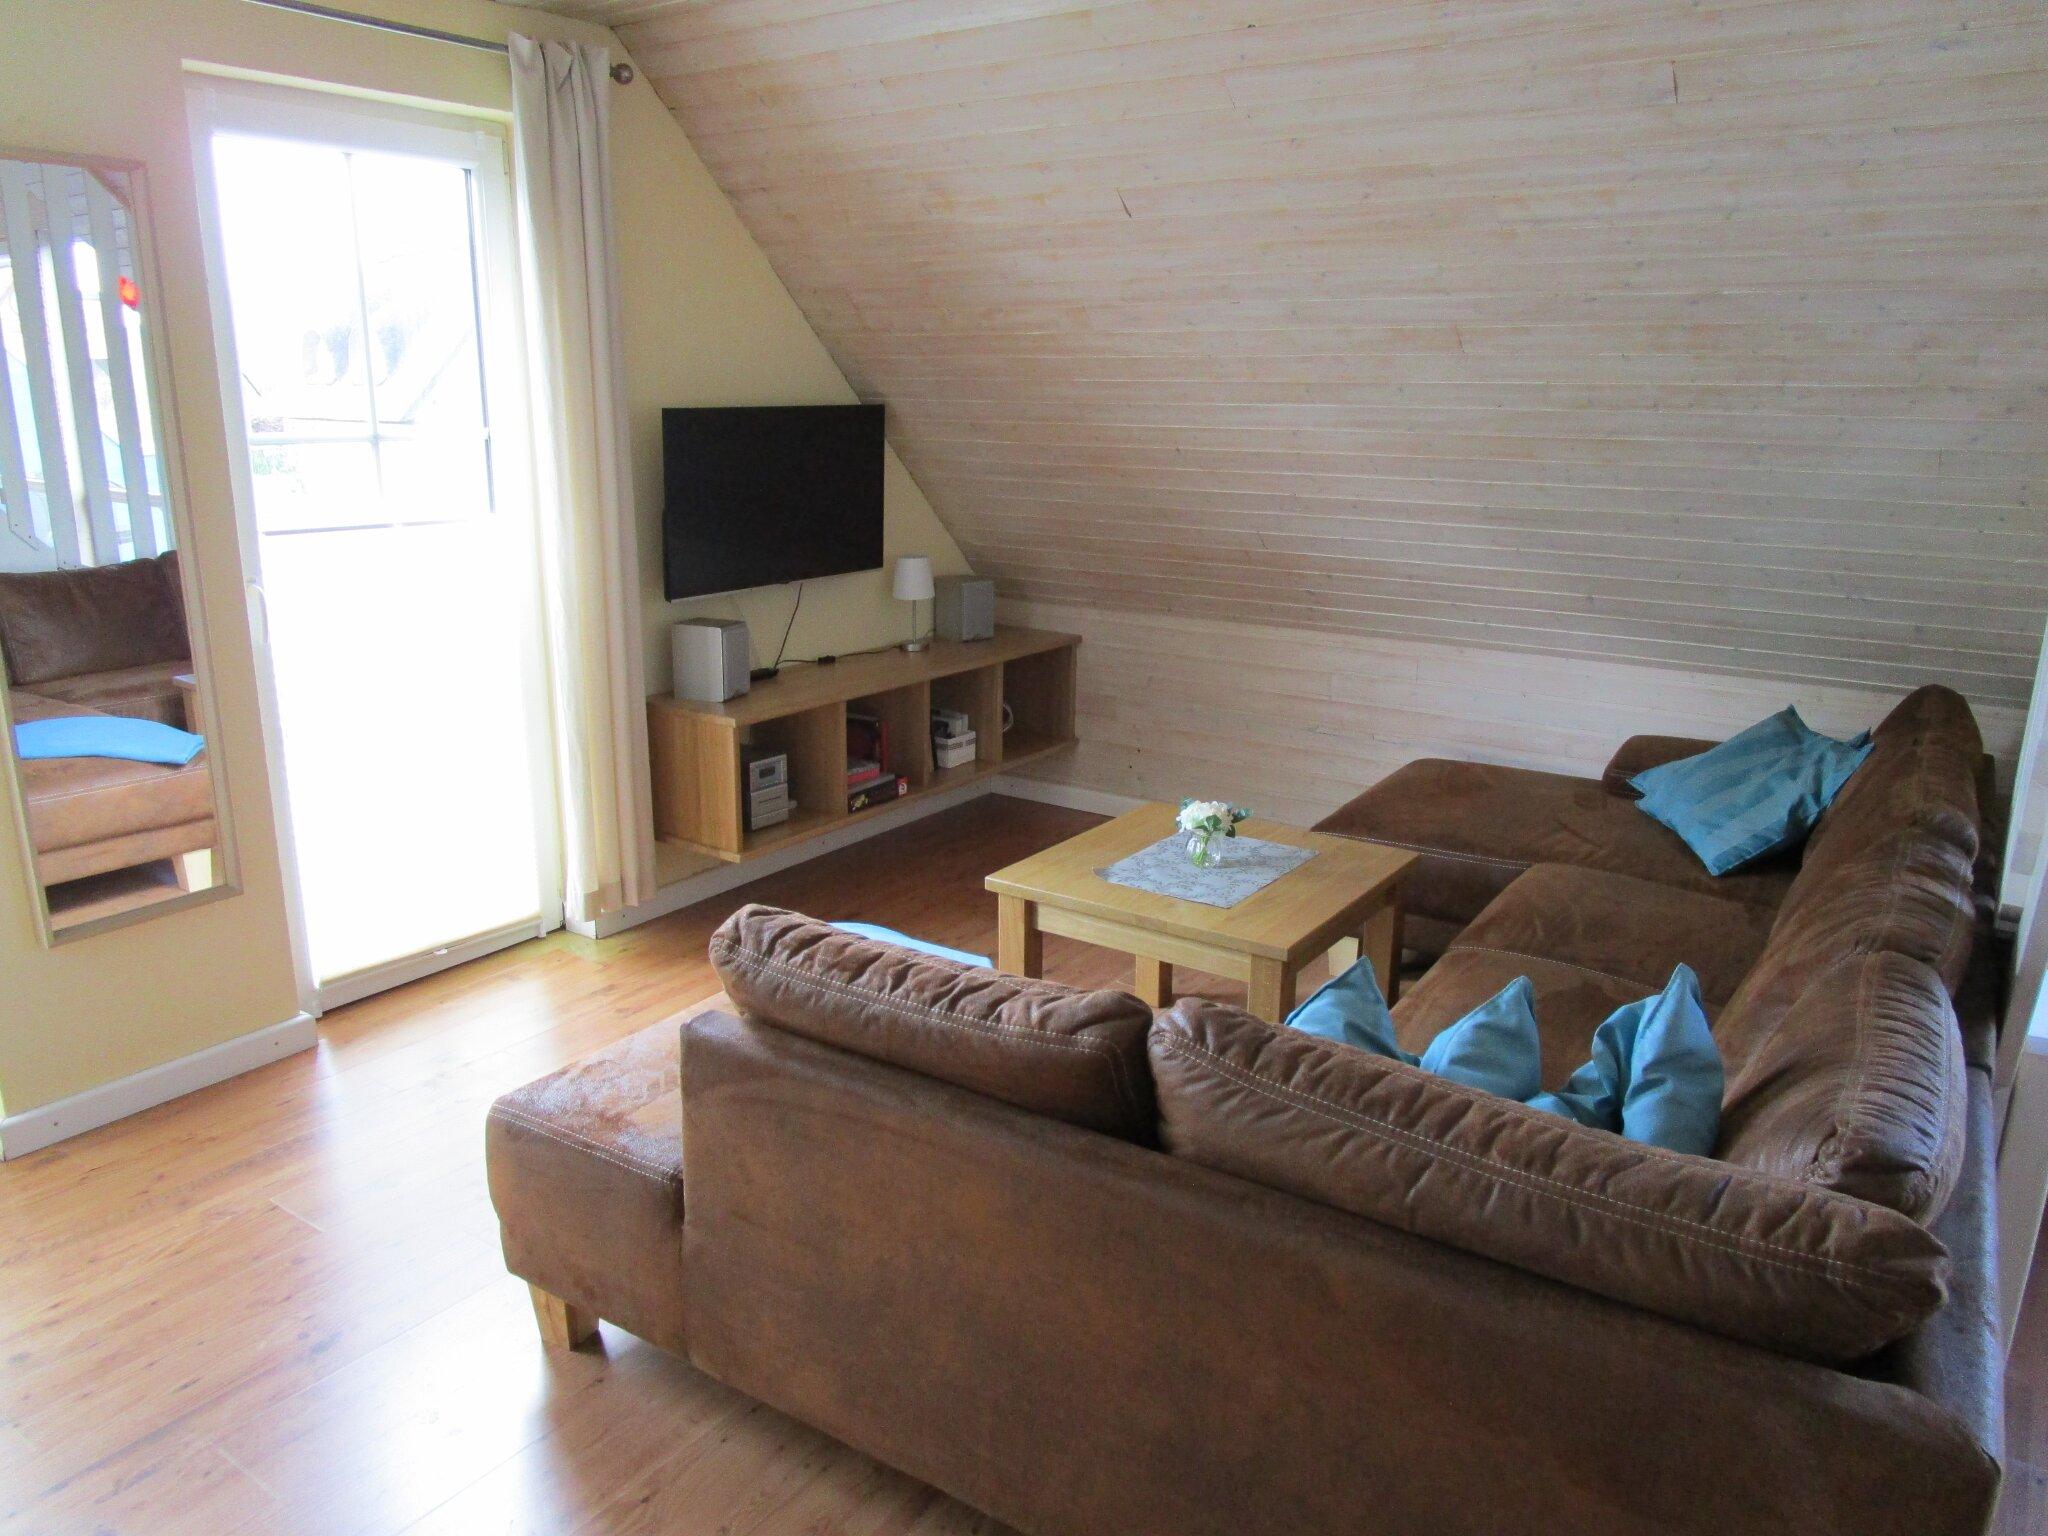 Wohnbereich mit Leder-Sitzecke